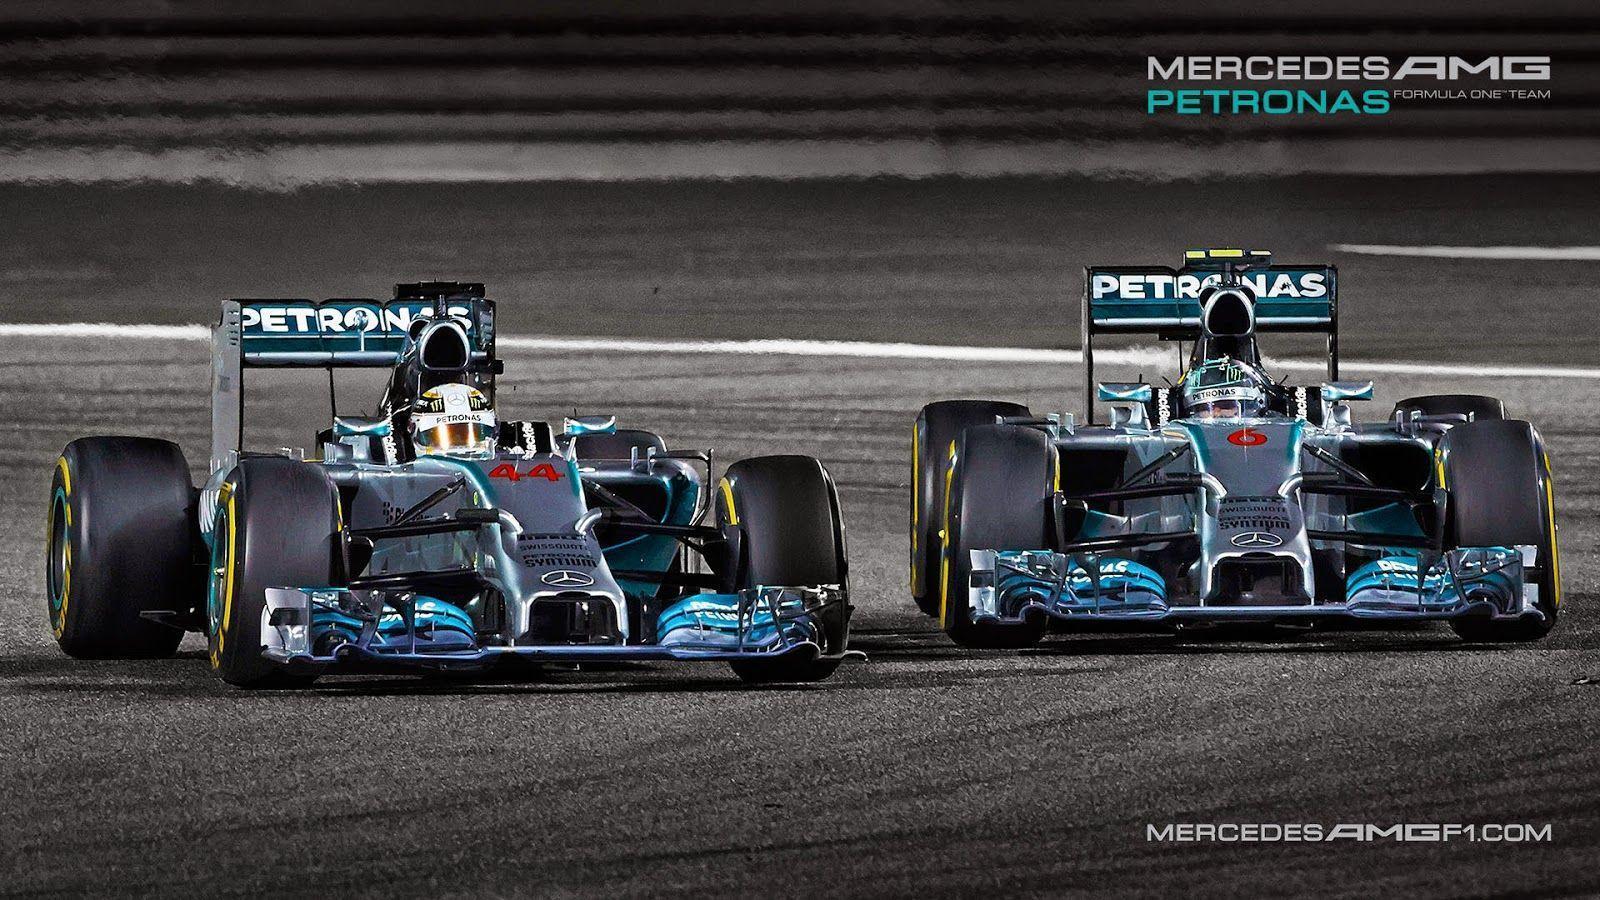 Mercedes F1 Wallpapers Wallpaper Cave